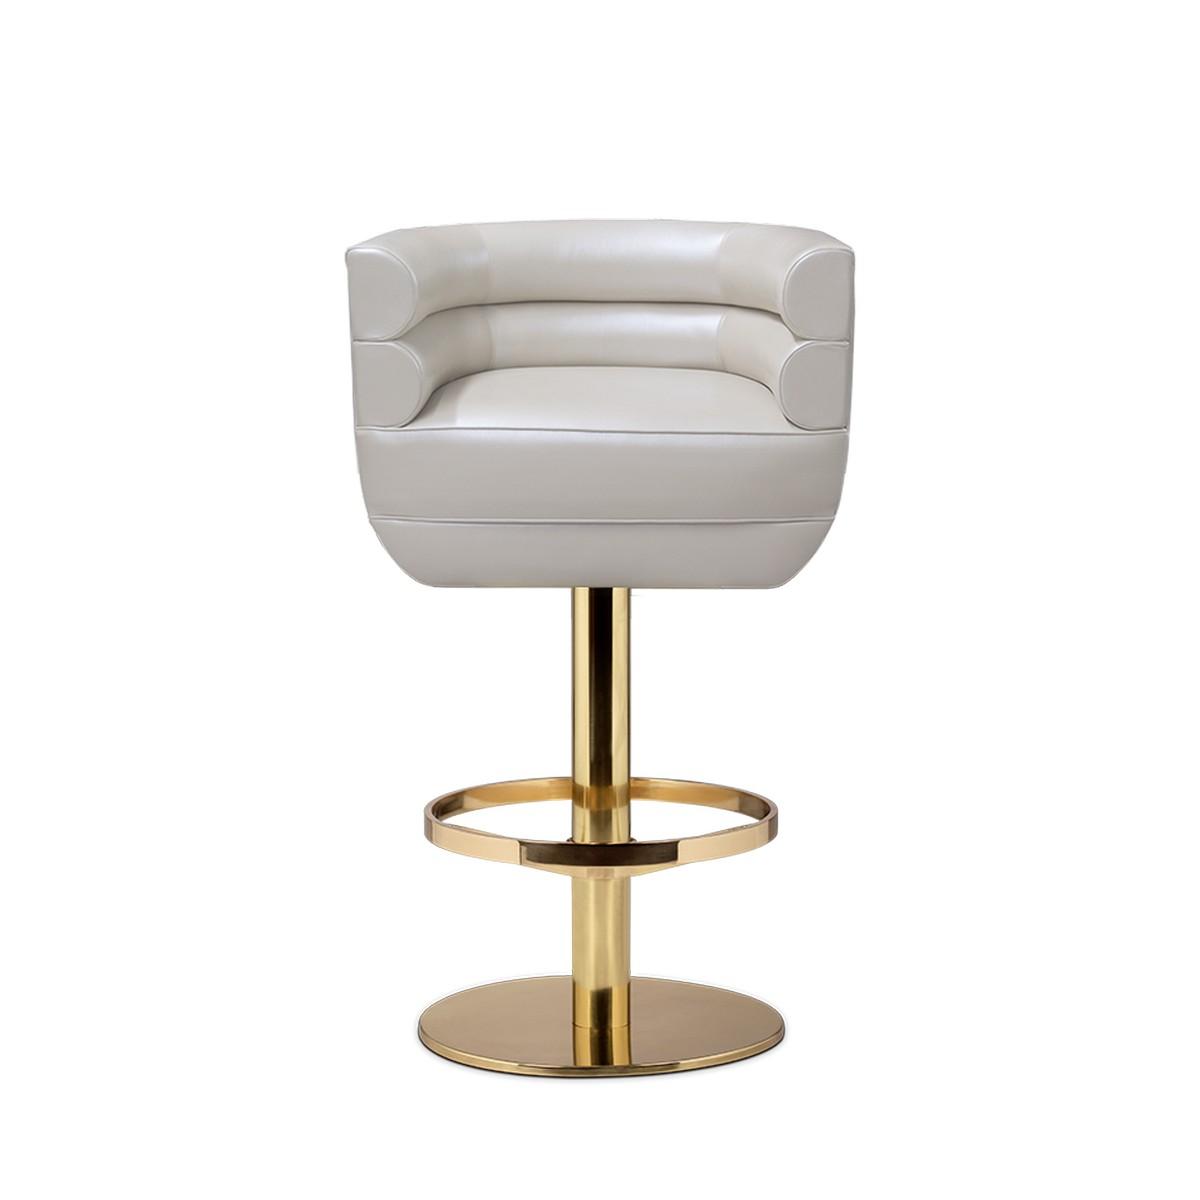 Top Contemporary Bar Stools contemporary bar stools Top Contemporary Bar Stools loren2